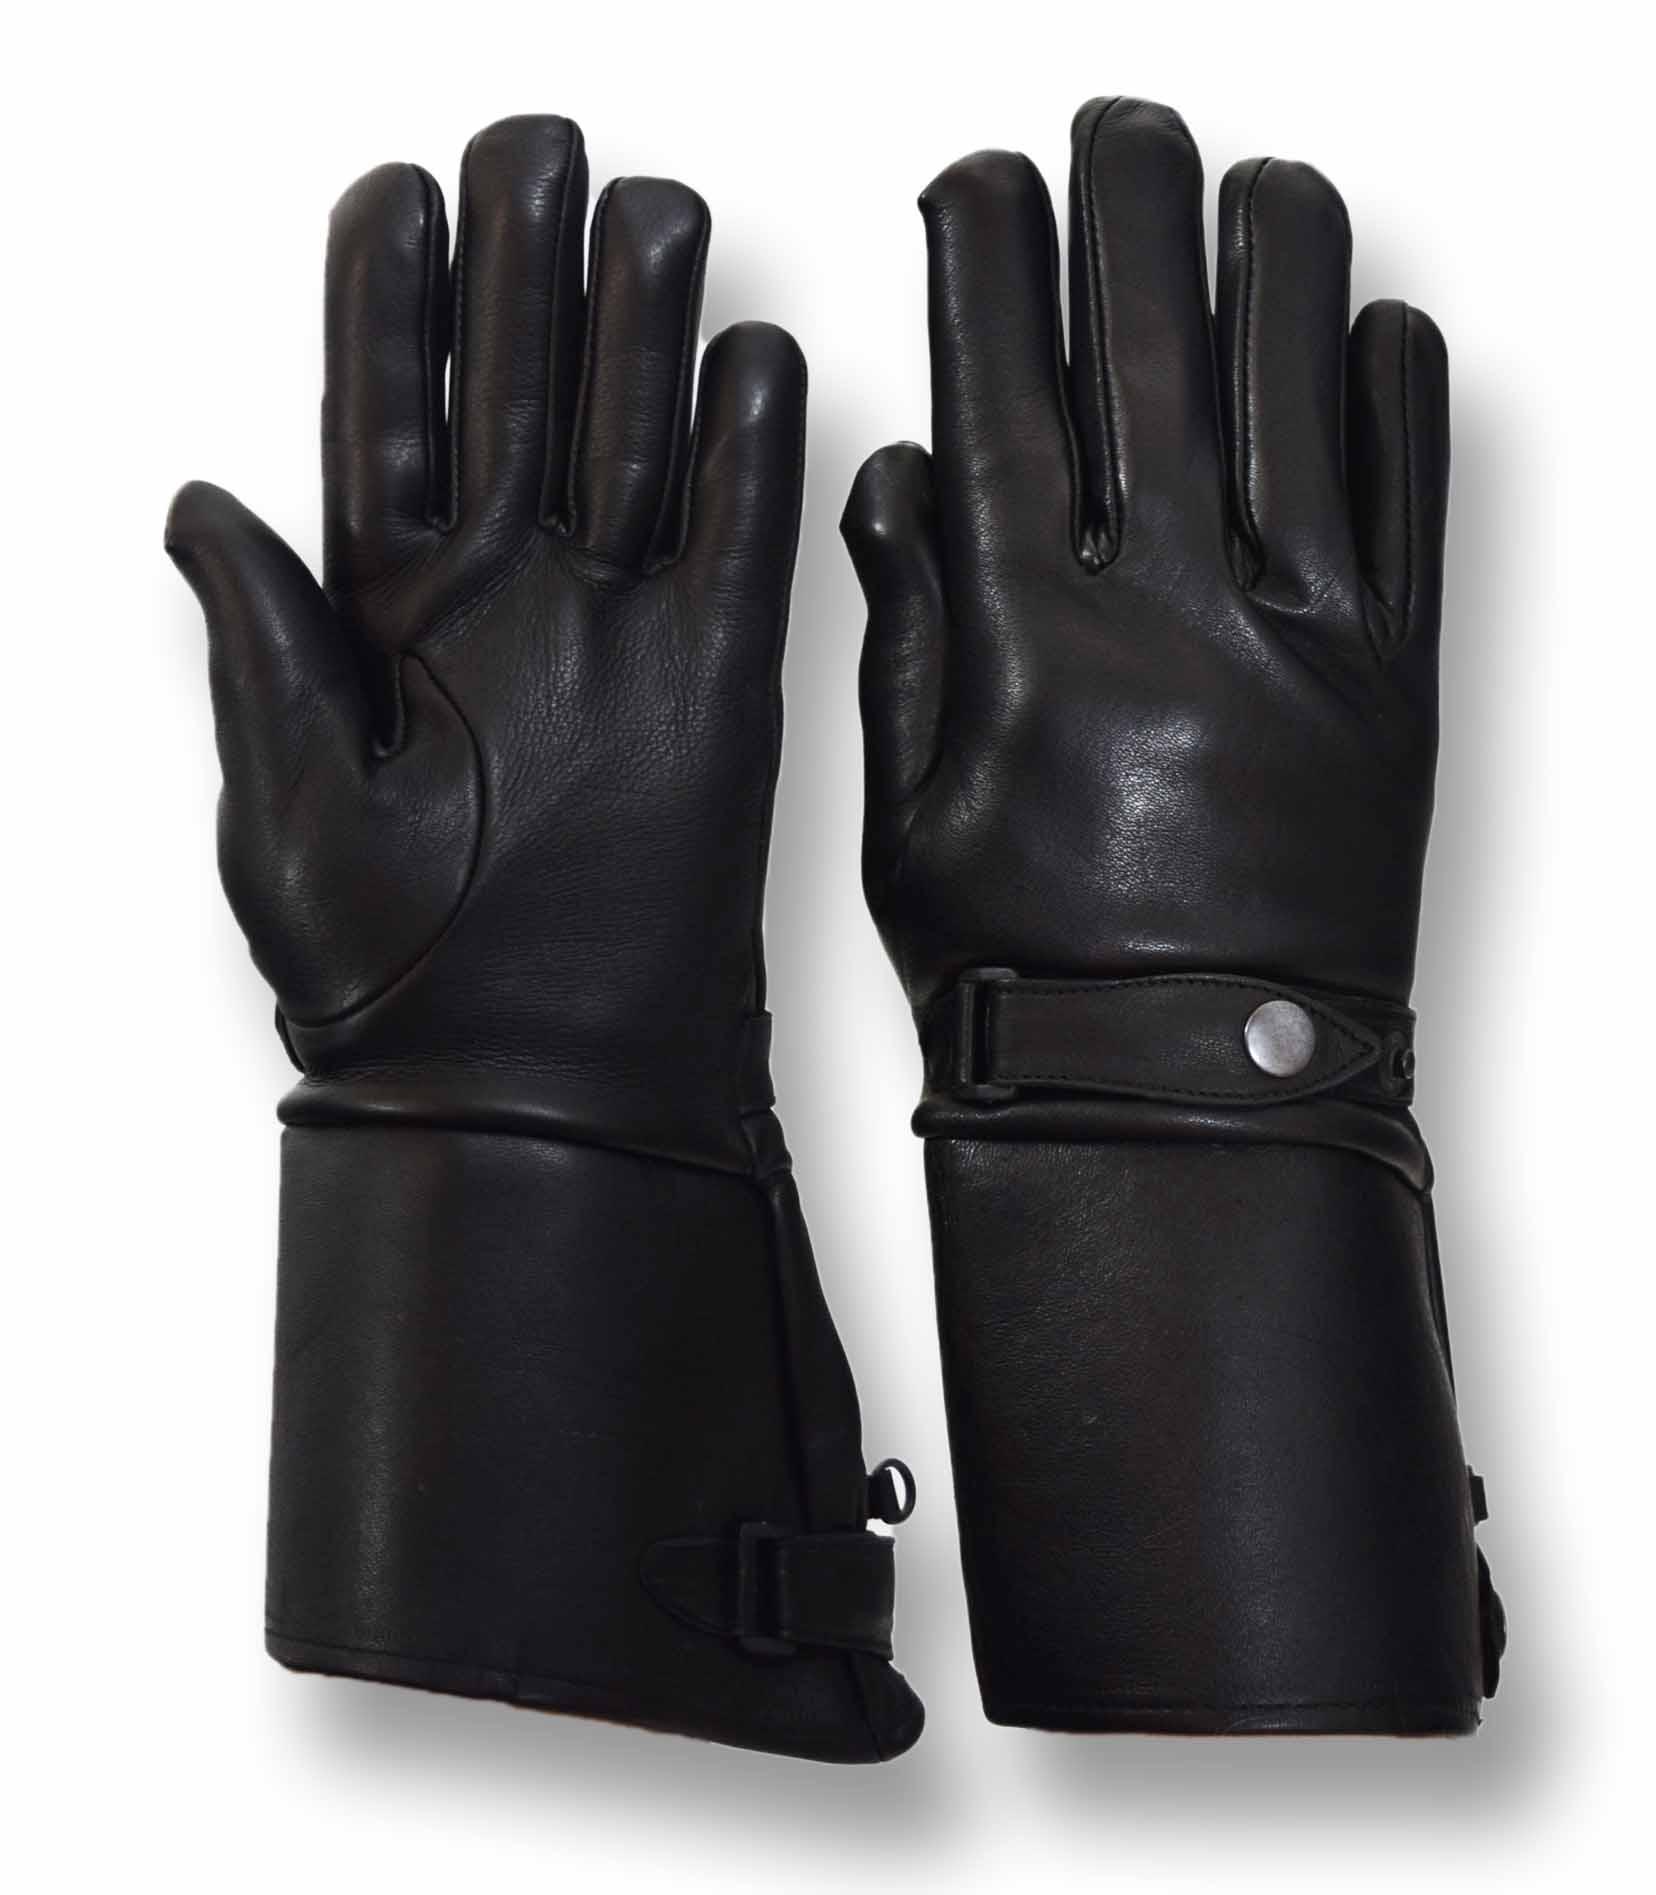 Motorcycle gloves deerskin - Vance Leathers Men S Premium Deerskin Gauntlet Motorcycle Gloves Black